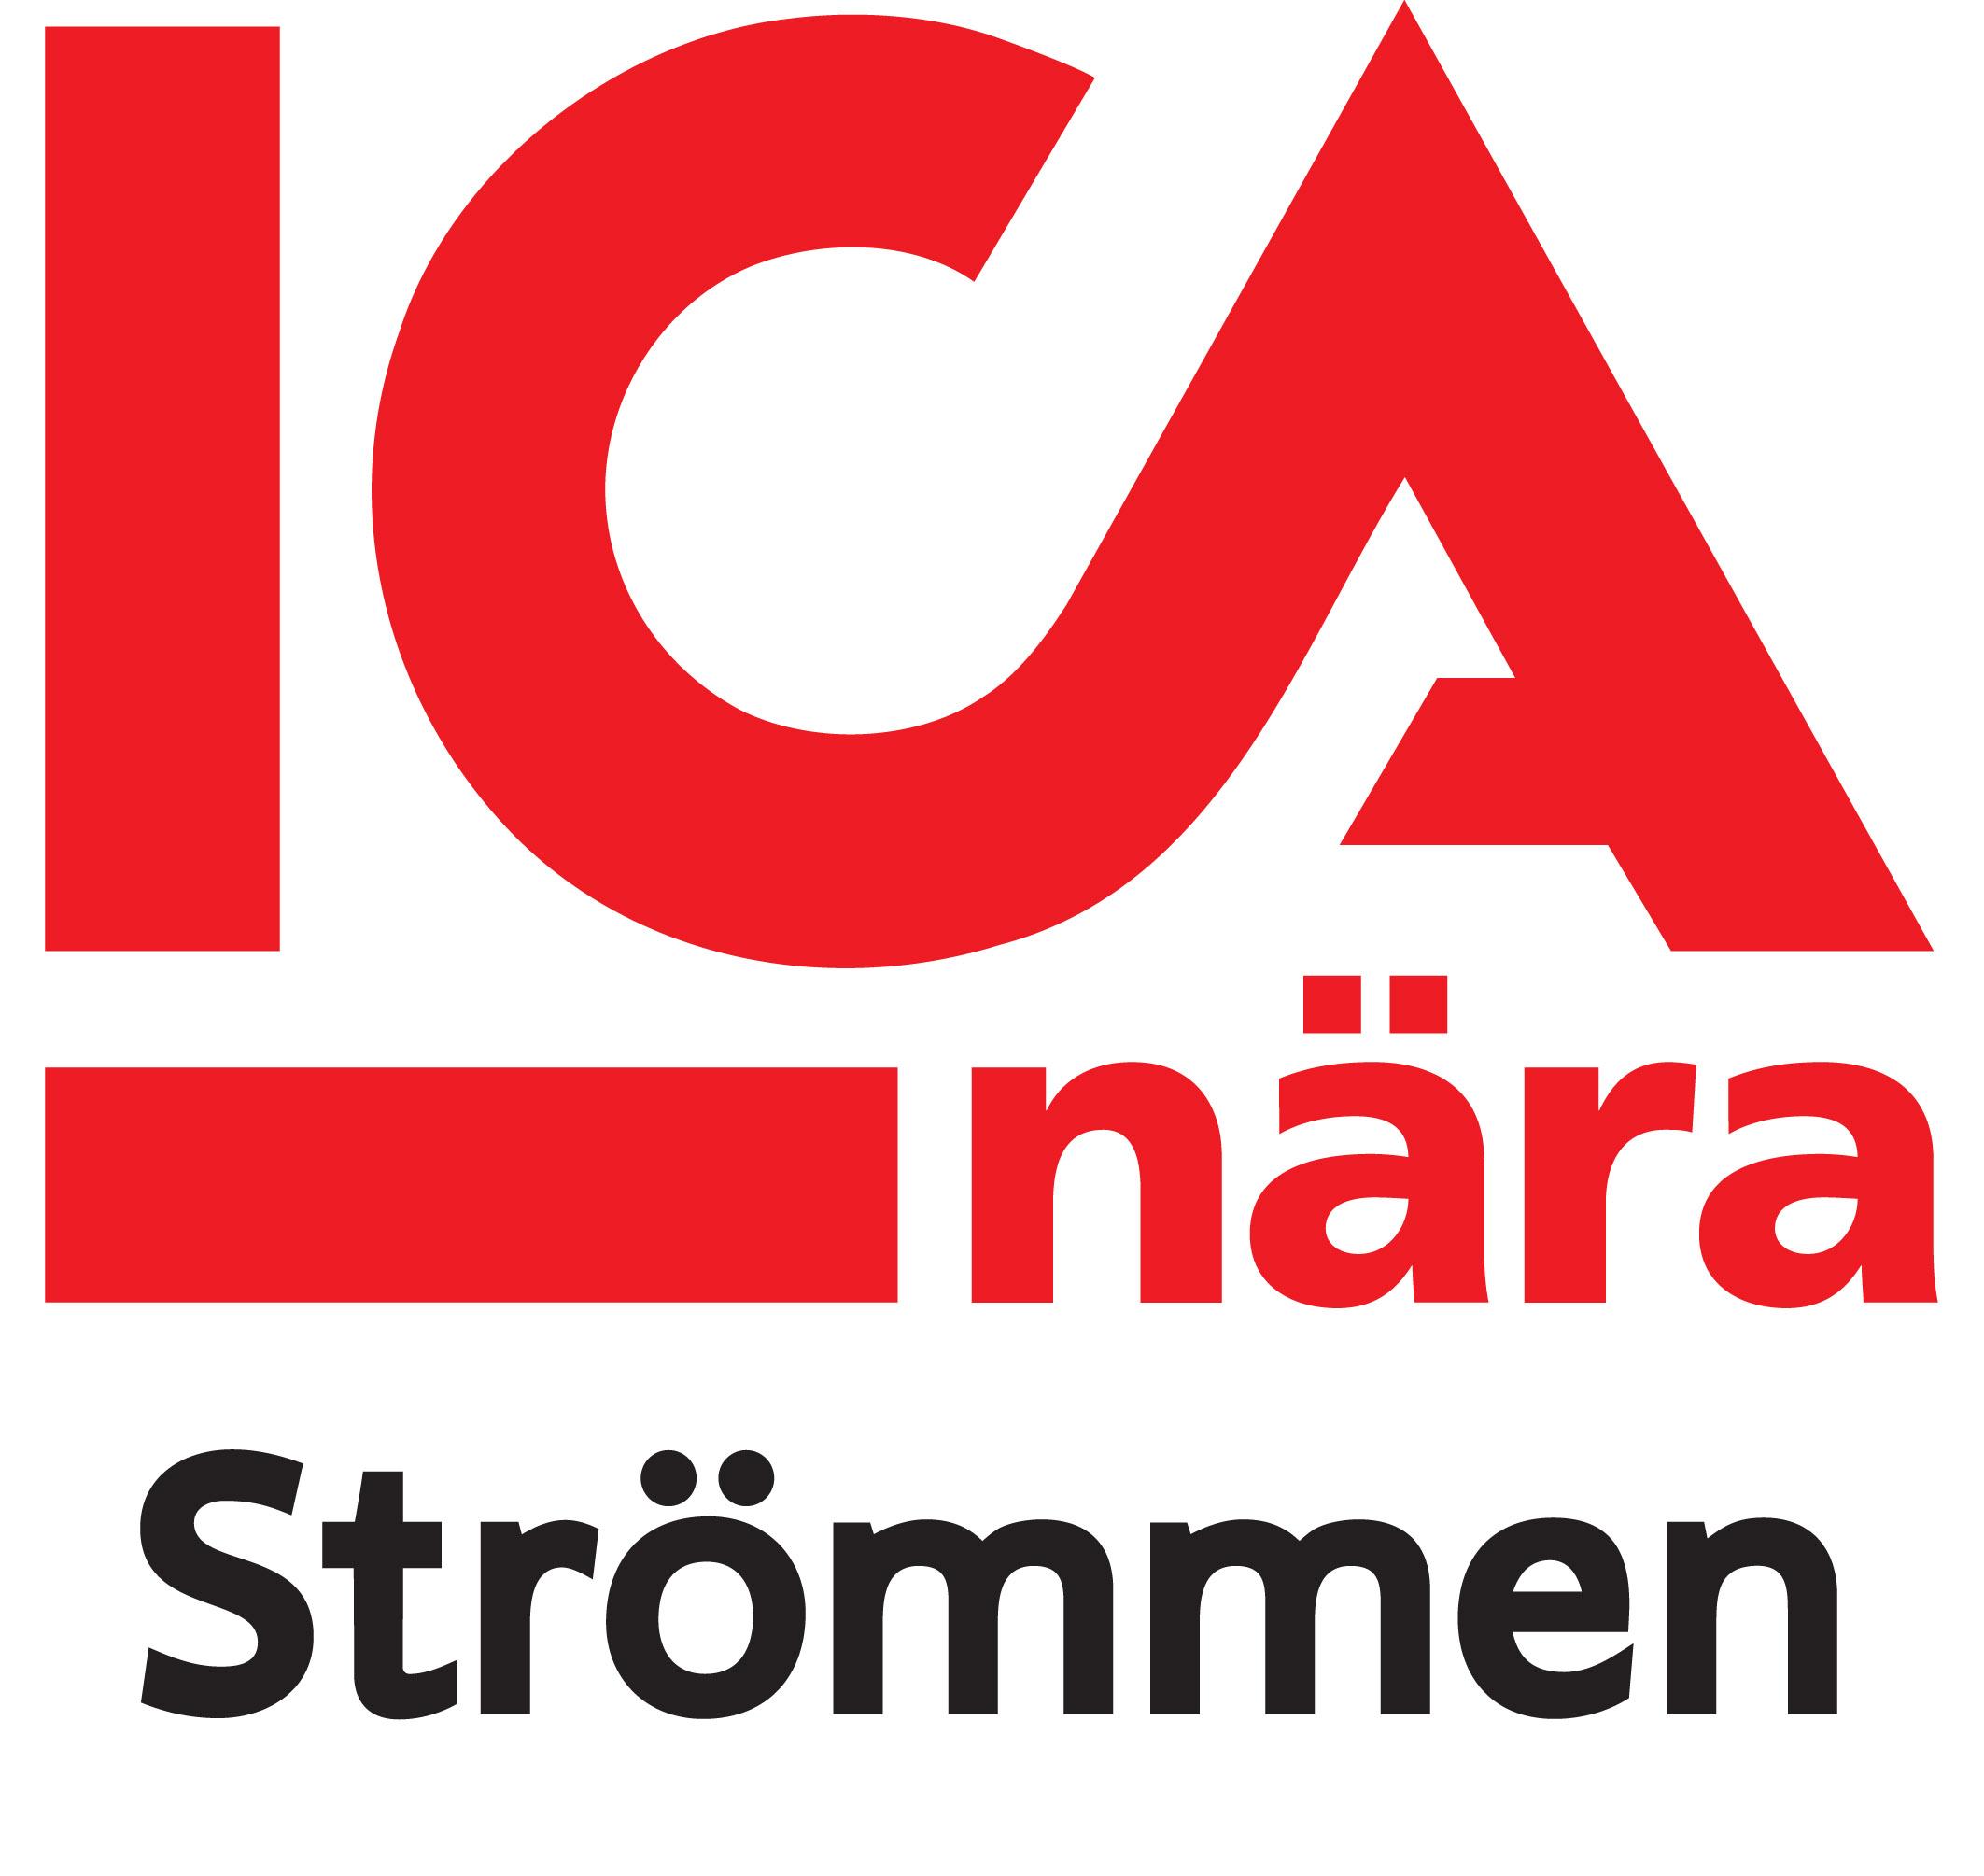 ICA Strömmen